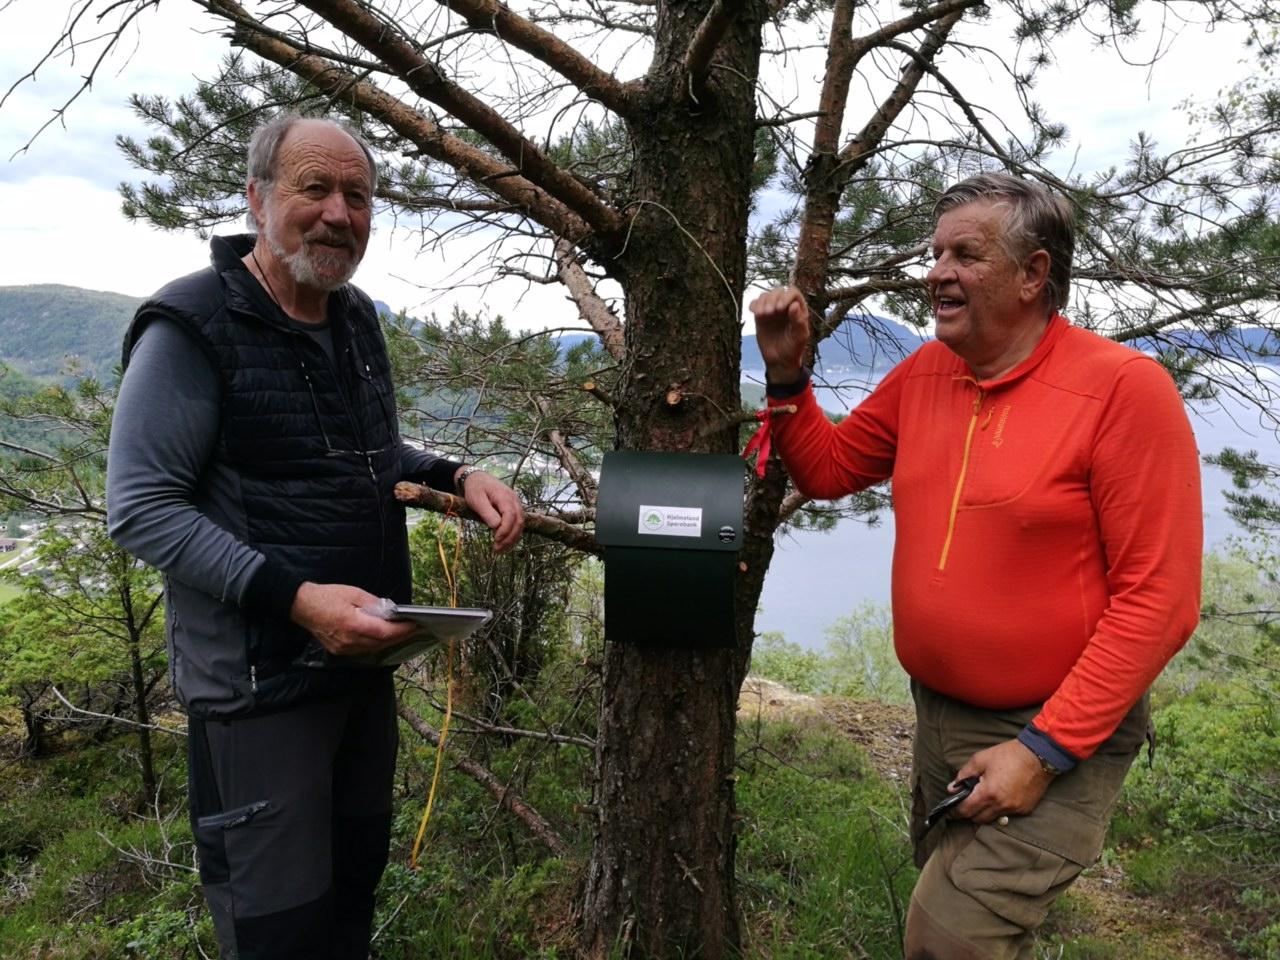 Endre Nordbø og Åsmund Sirevåg